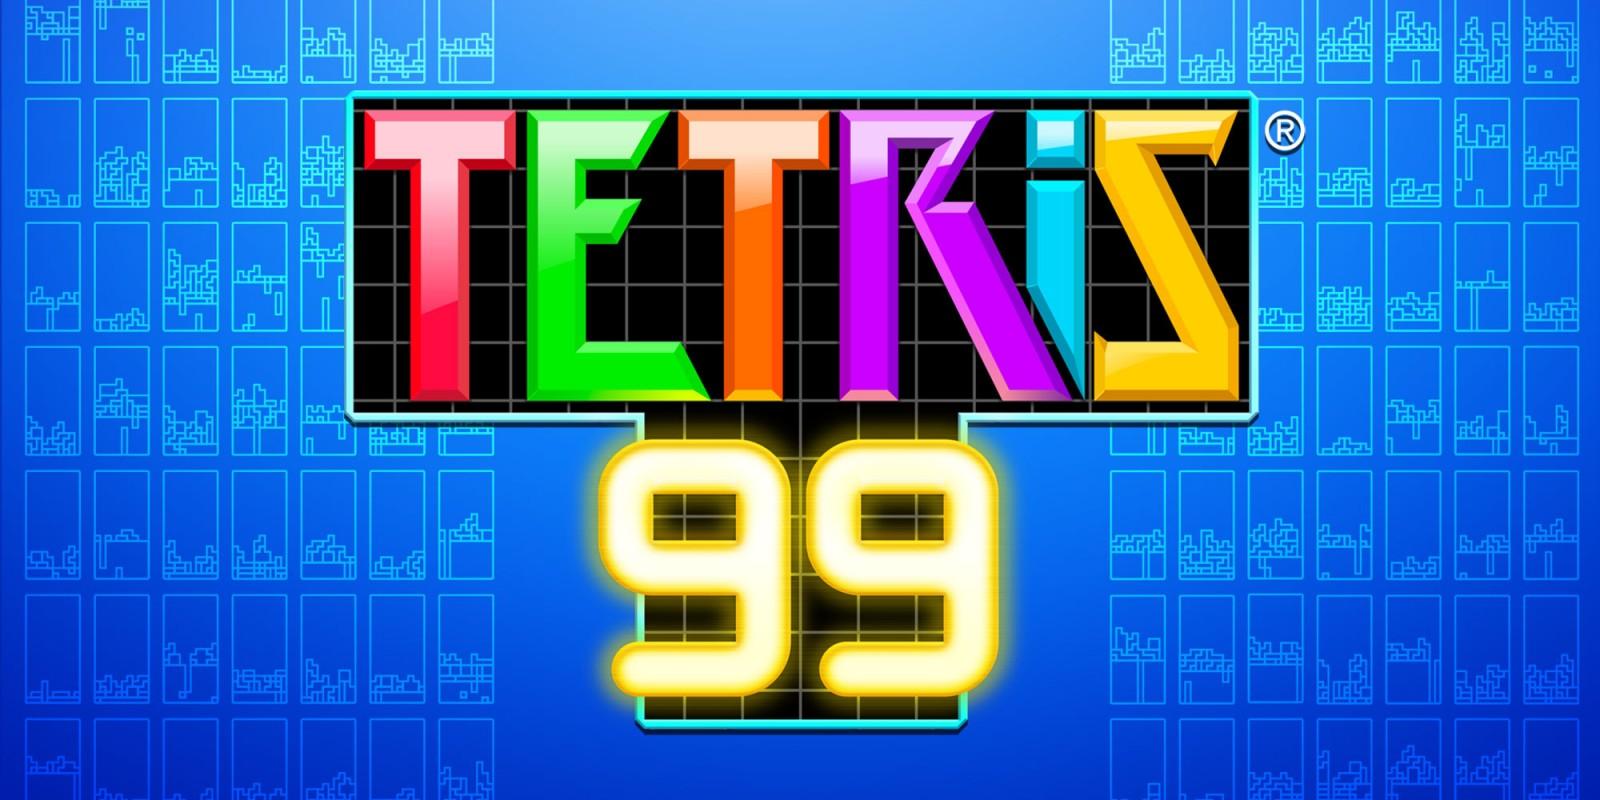 tetris-99-soffre-le-multijoueur-local